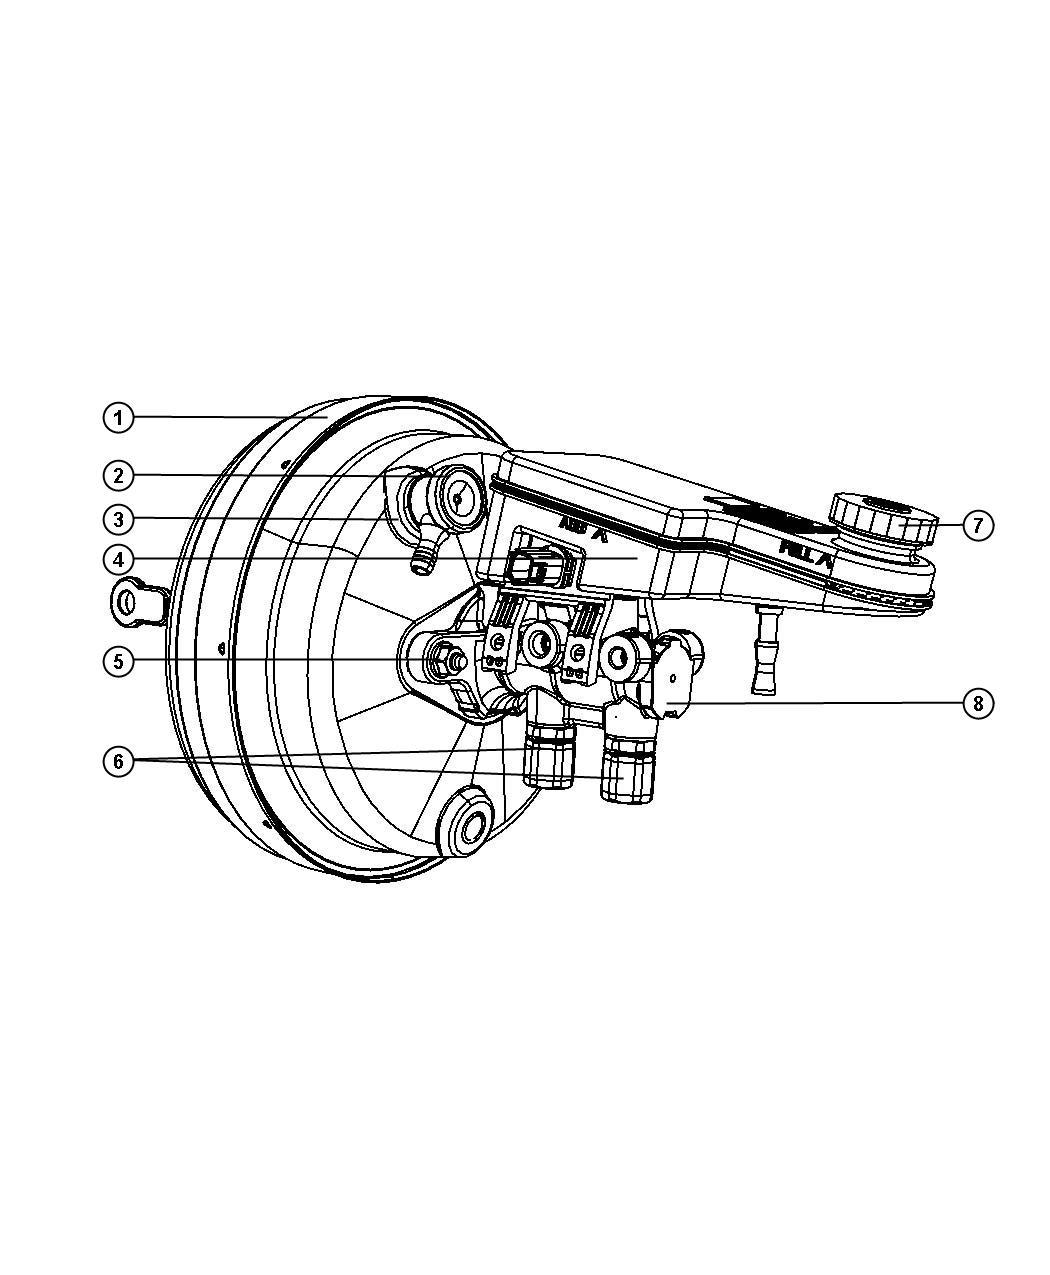 2007 Chrysler Sebring Reservoir. Brake master cylinder